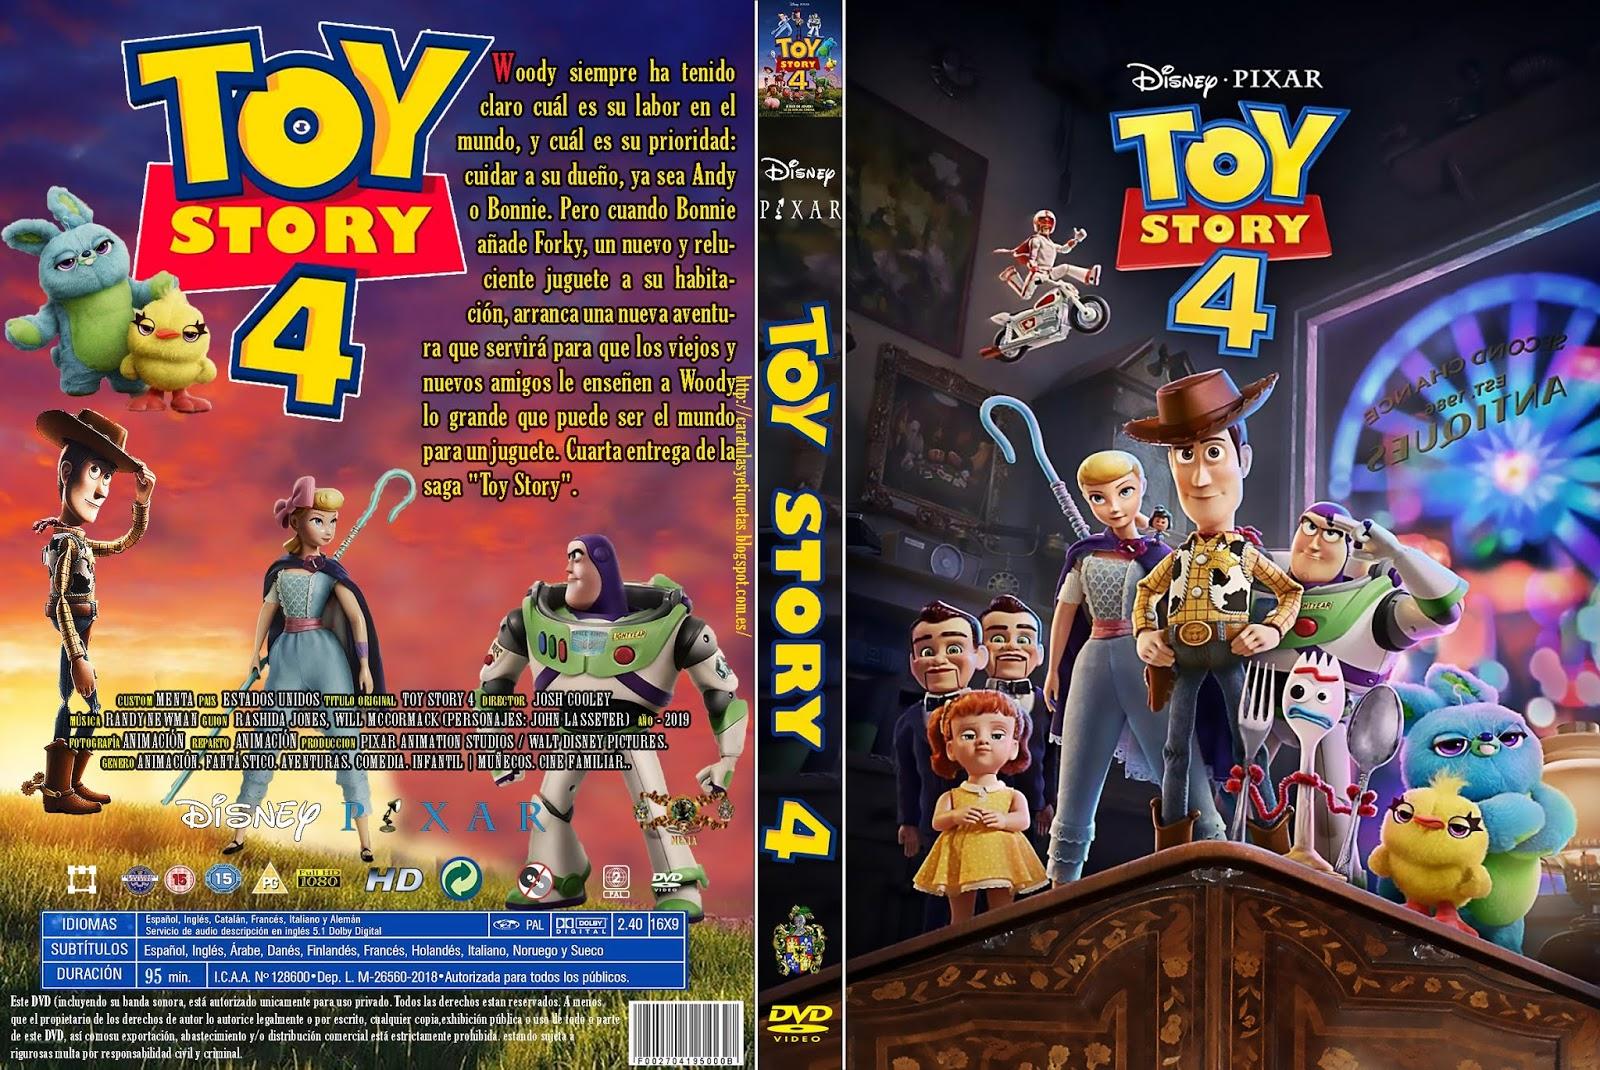 Caratulas Y Etiquetas Toy Story 4